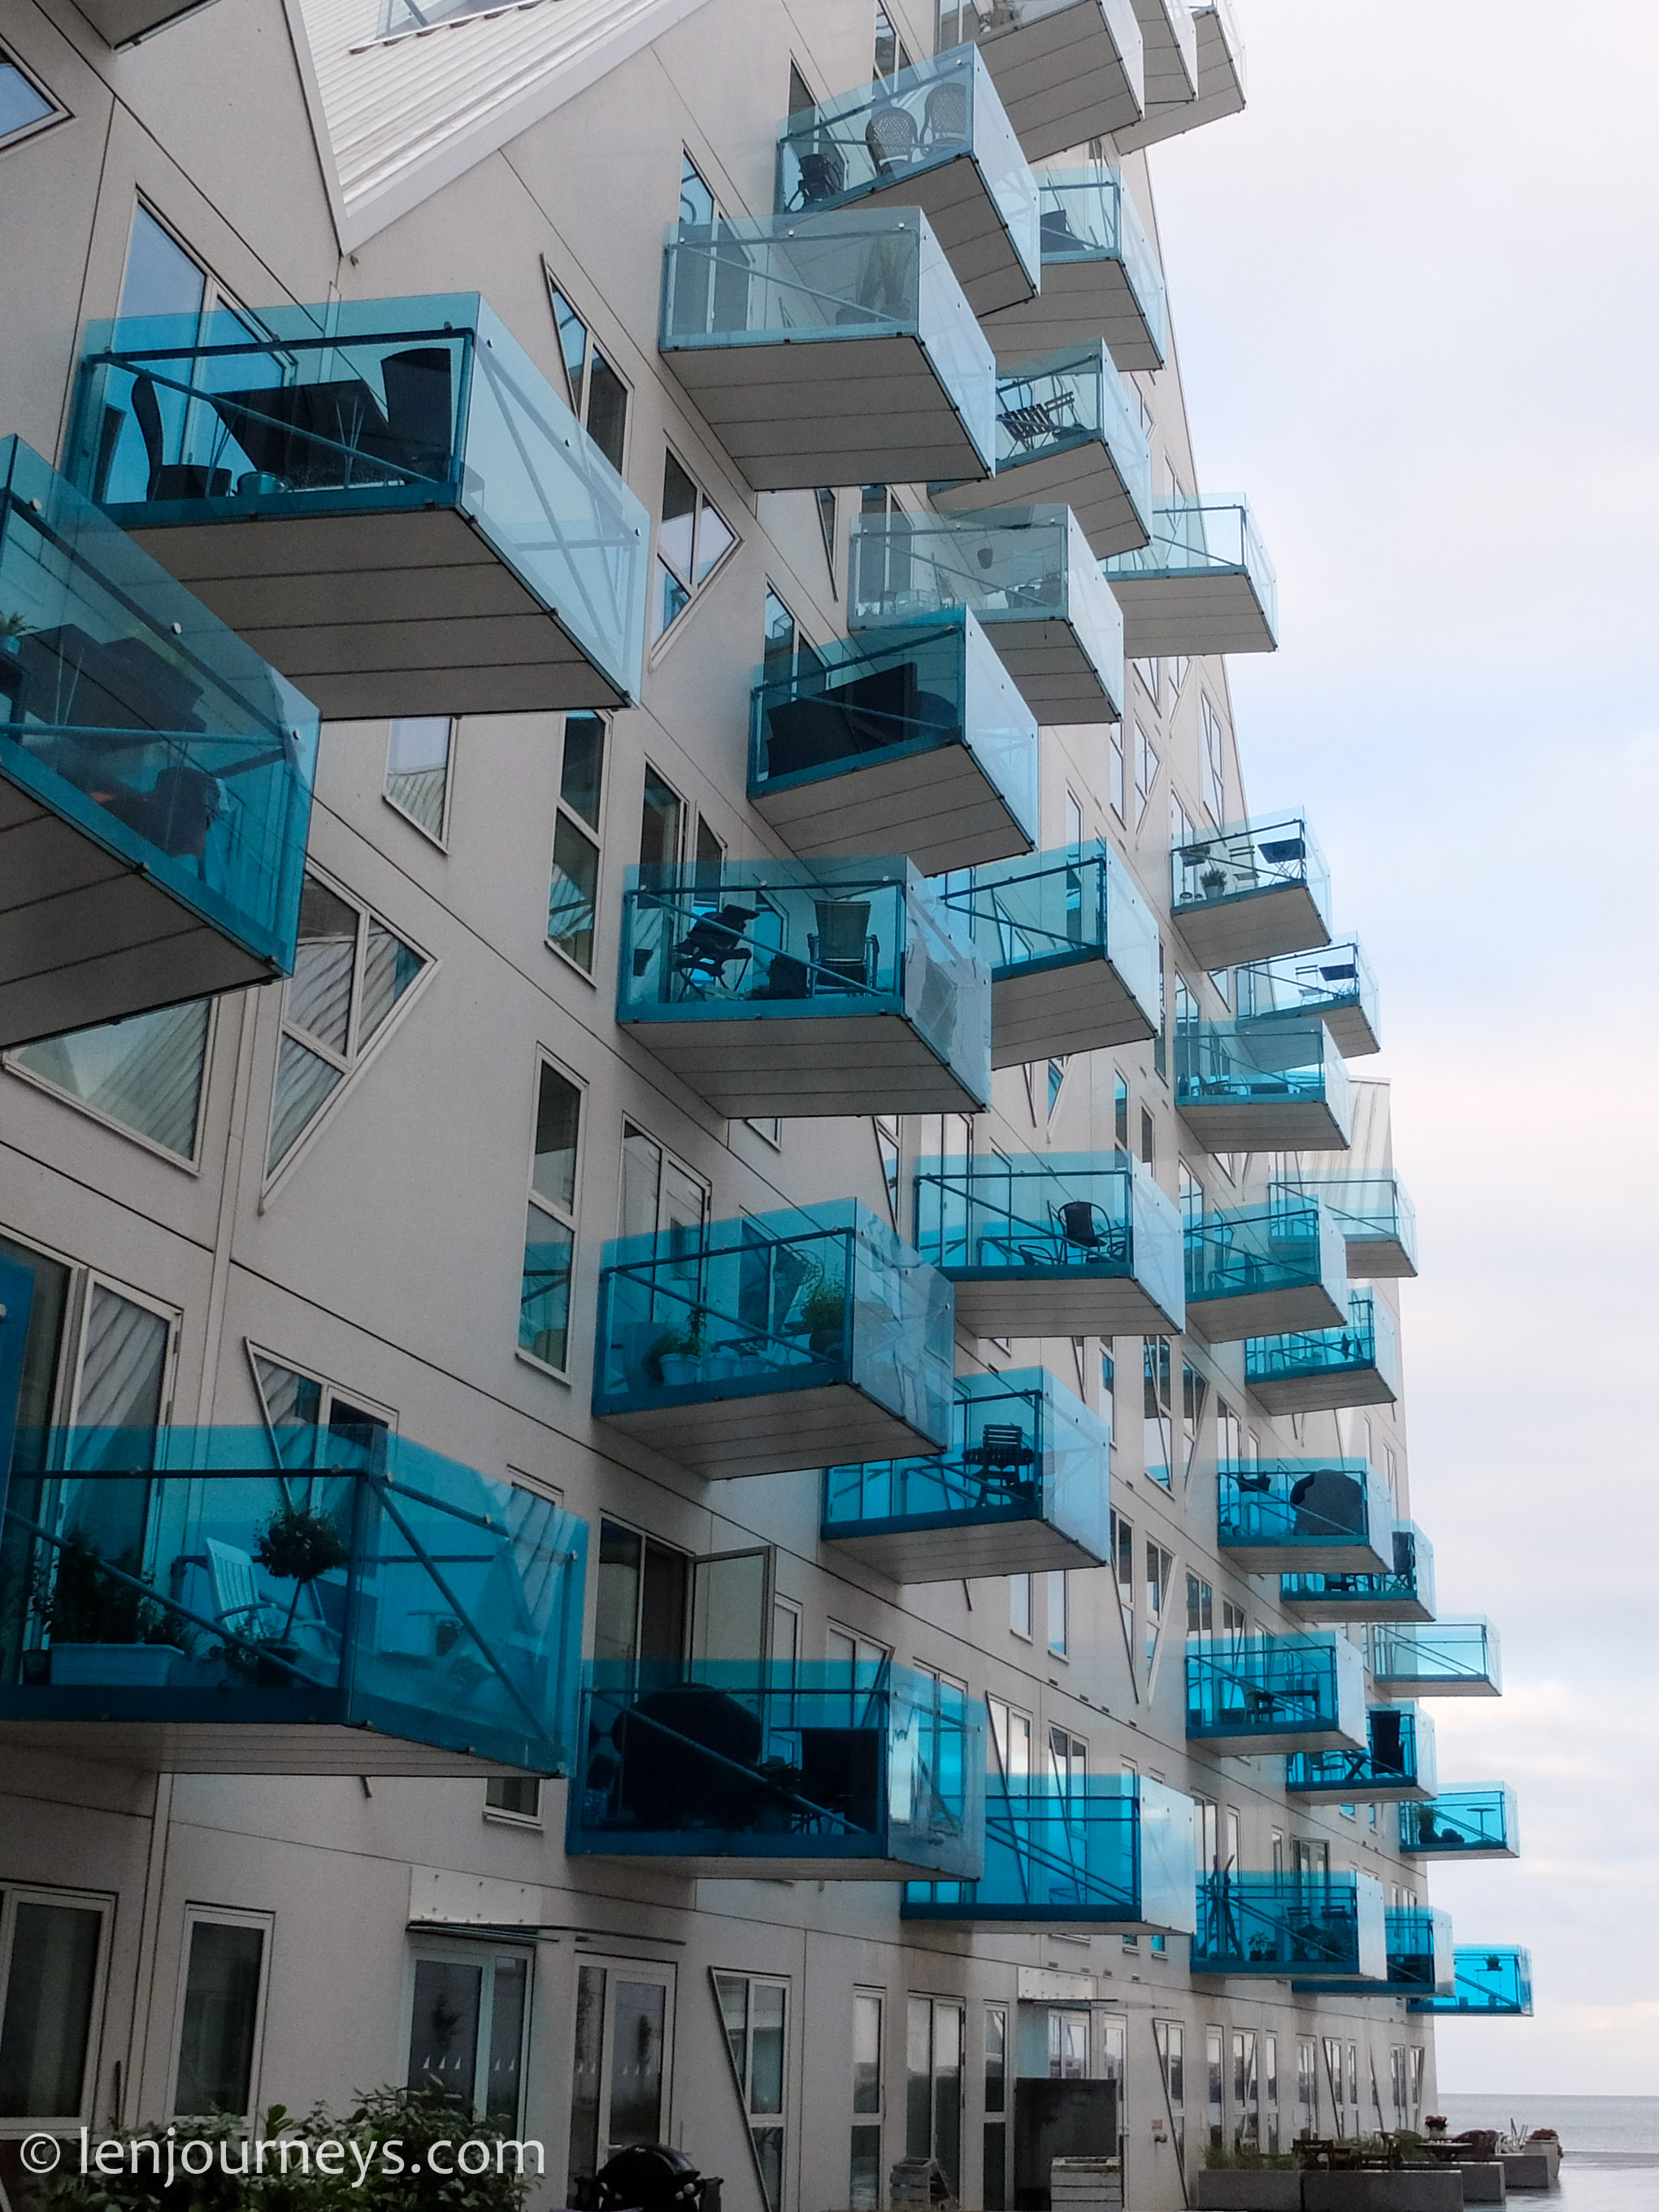 Buildings in Aarhus Ø